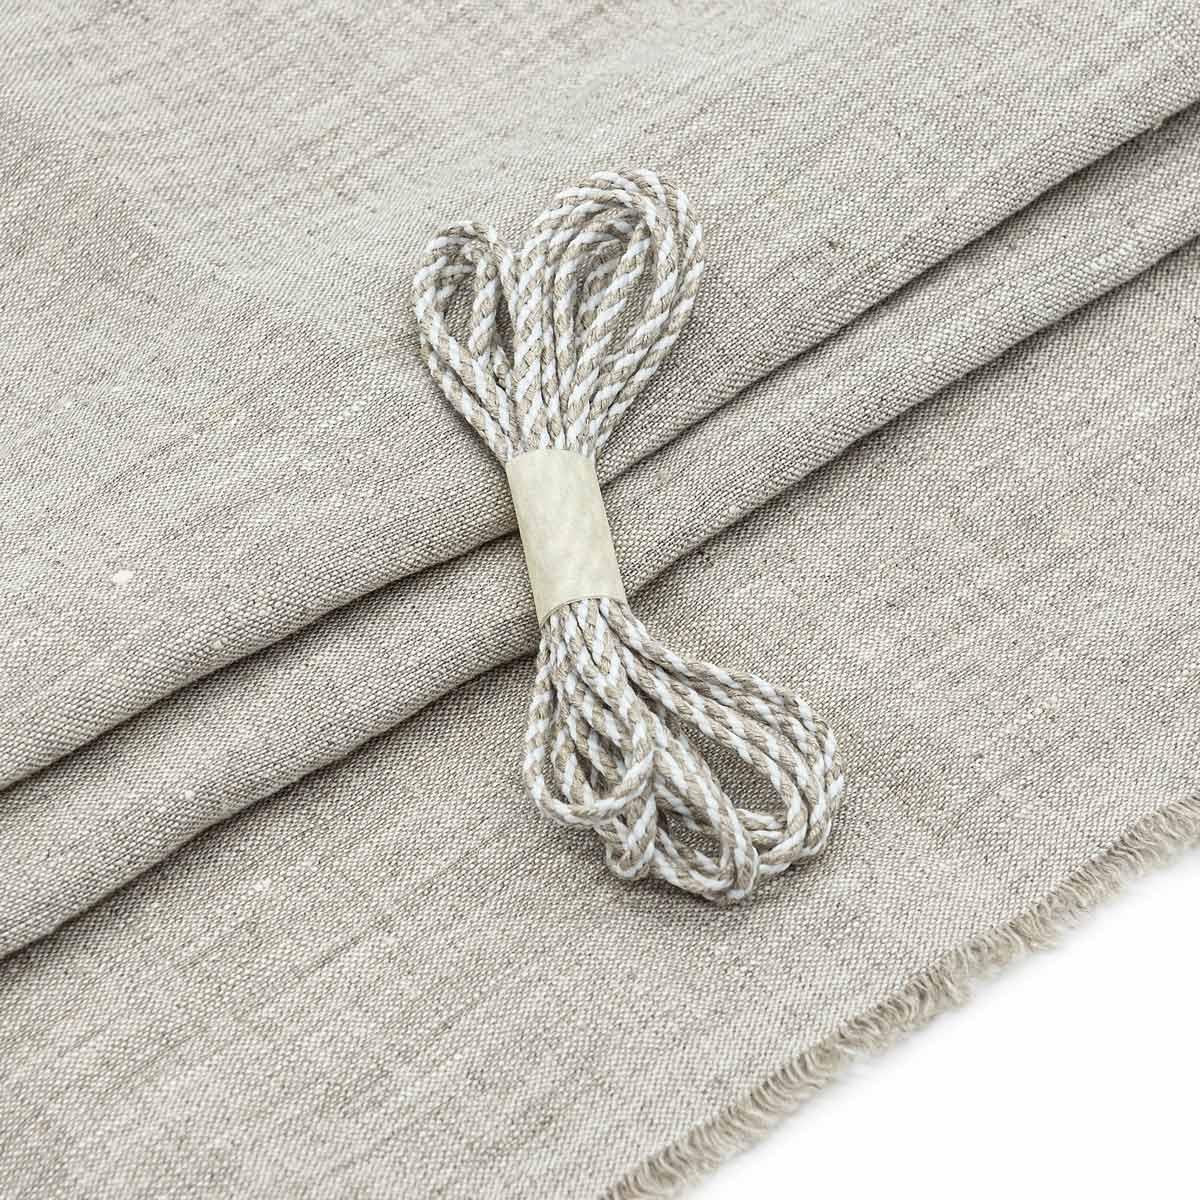 28961 Набор для творчеста 'Ткань лён со шнуром ' (100% лён / 100%хб. 45*50см/2м),цв.нат.серый.+бел./натур